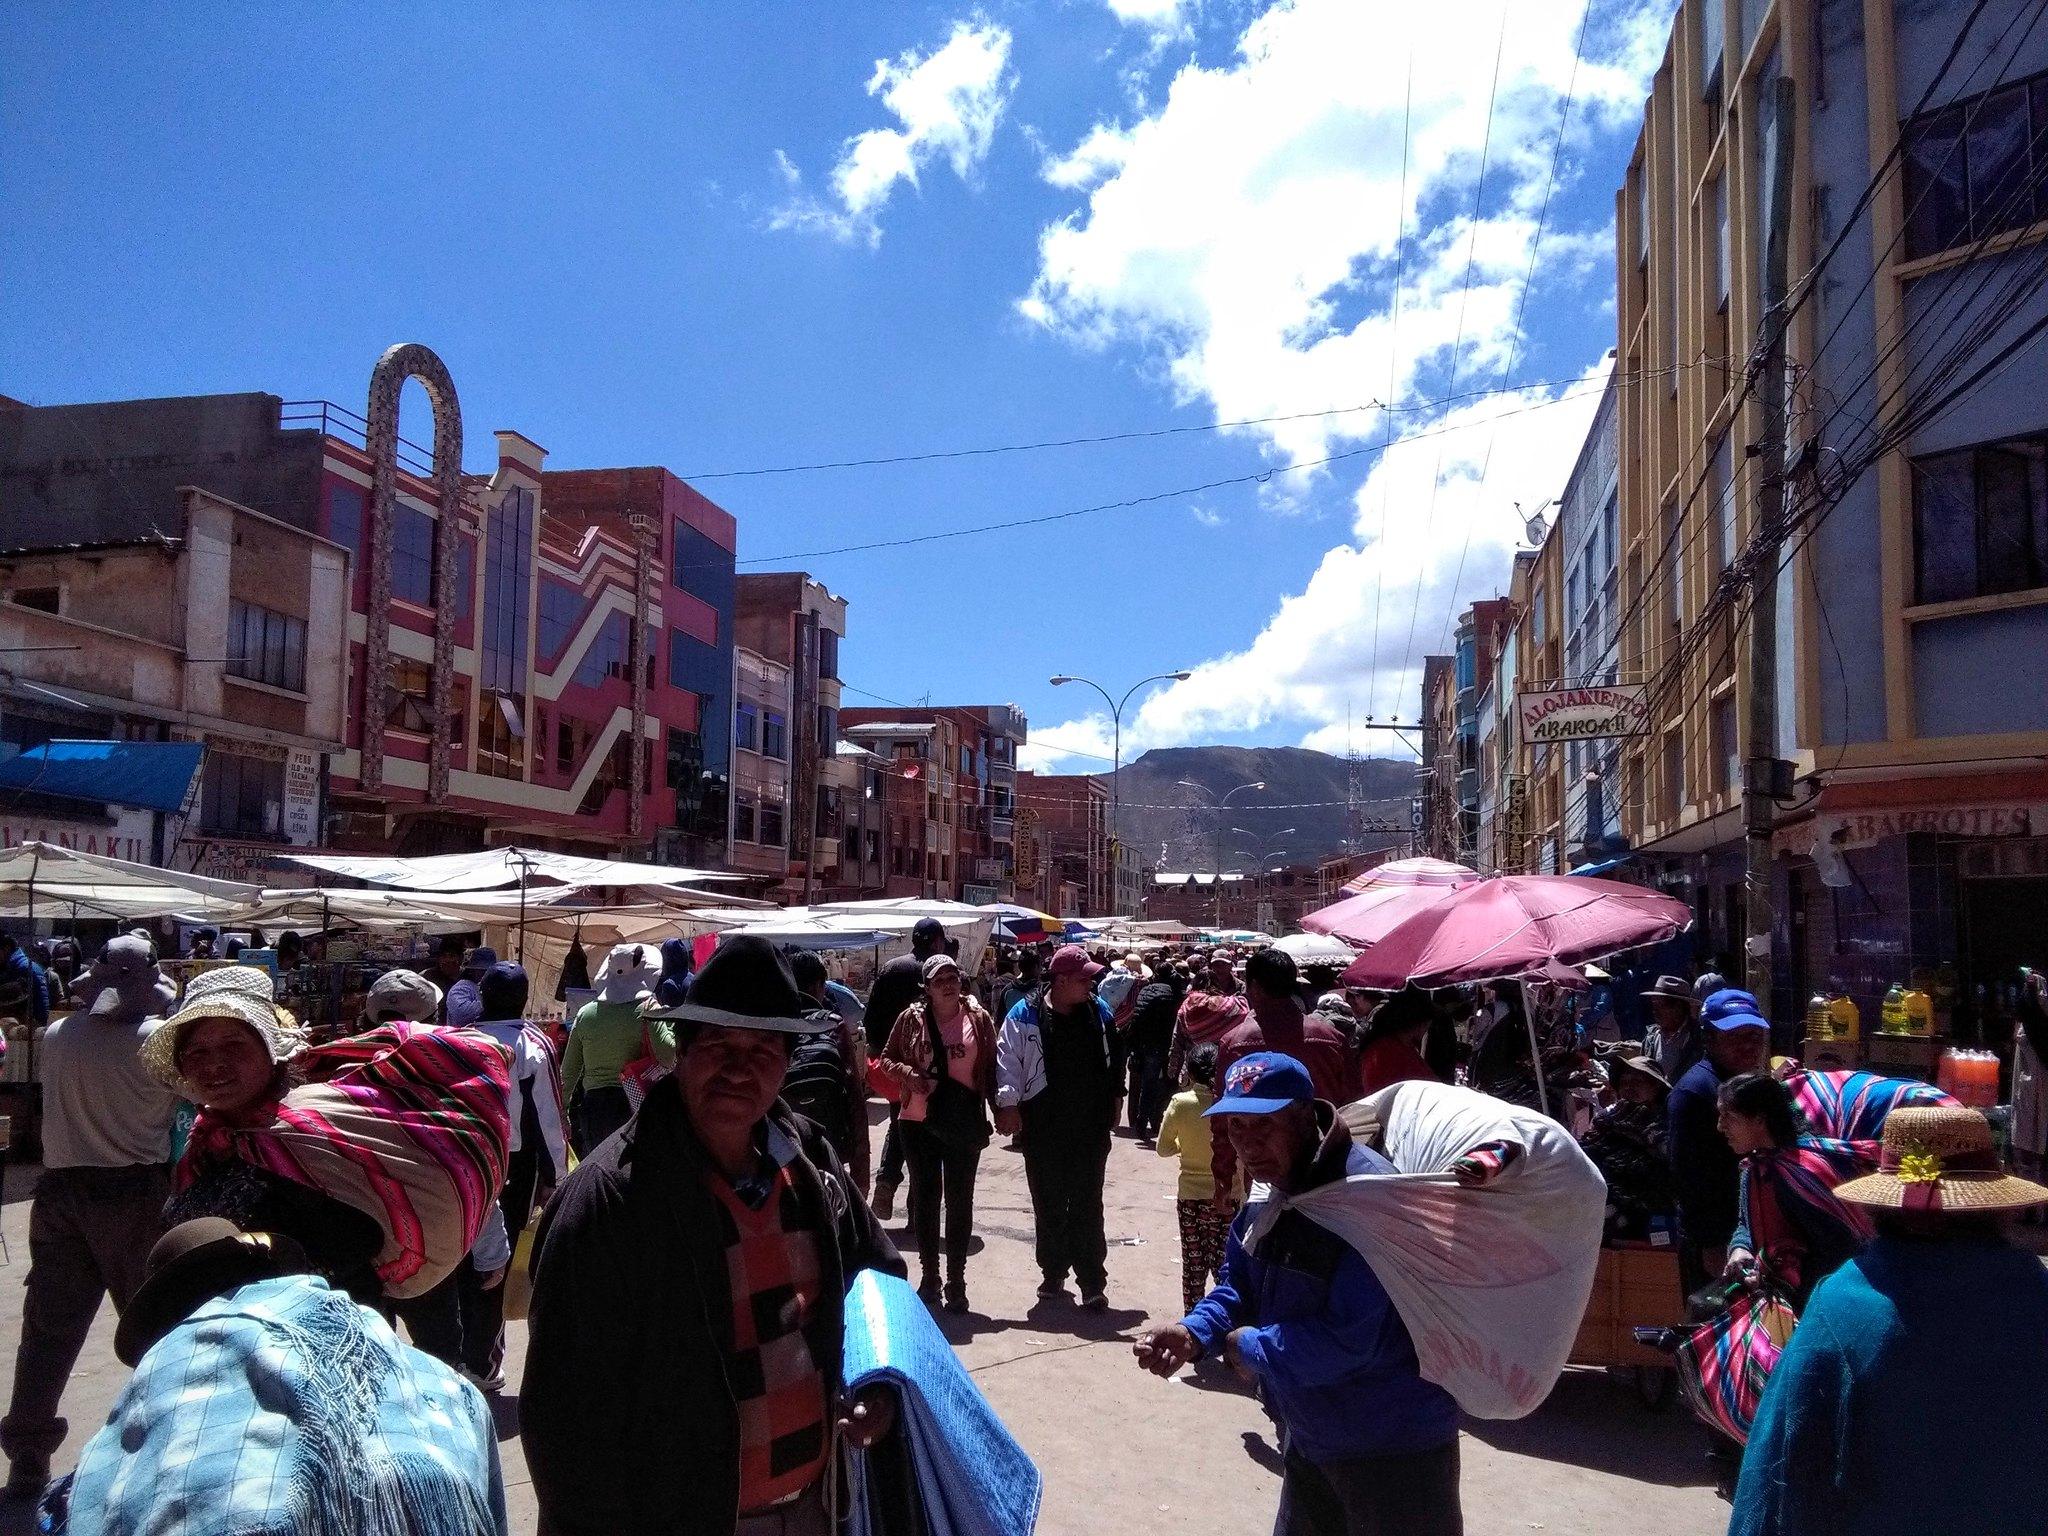 The bustling Bolivian side of Desaguadero